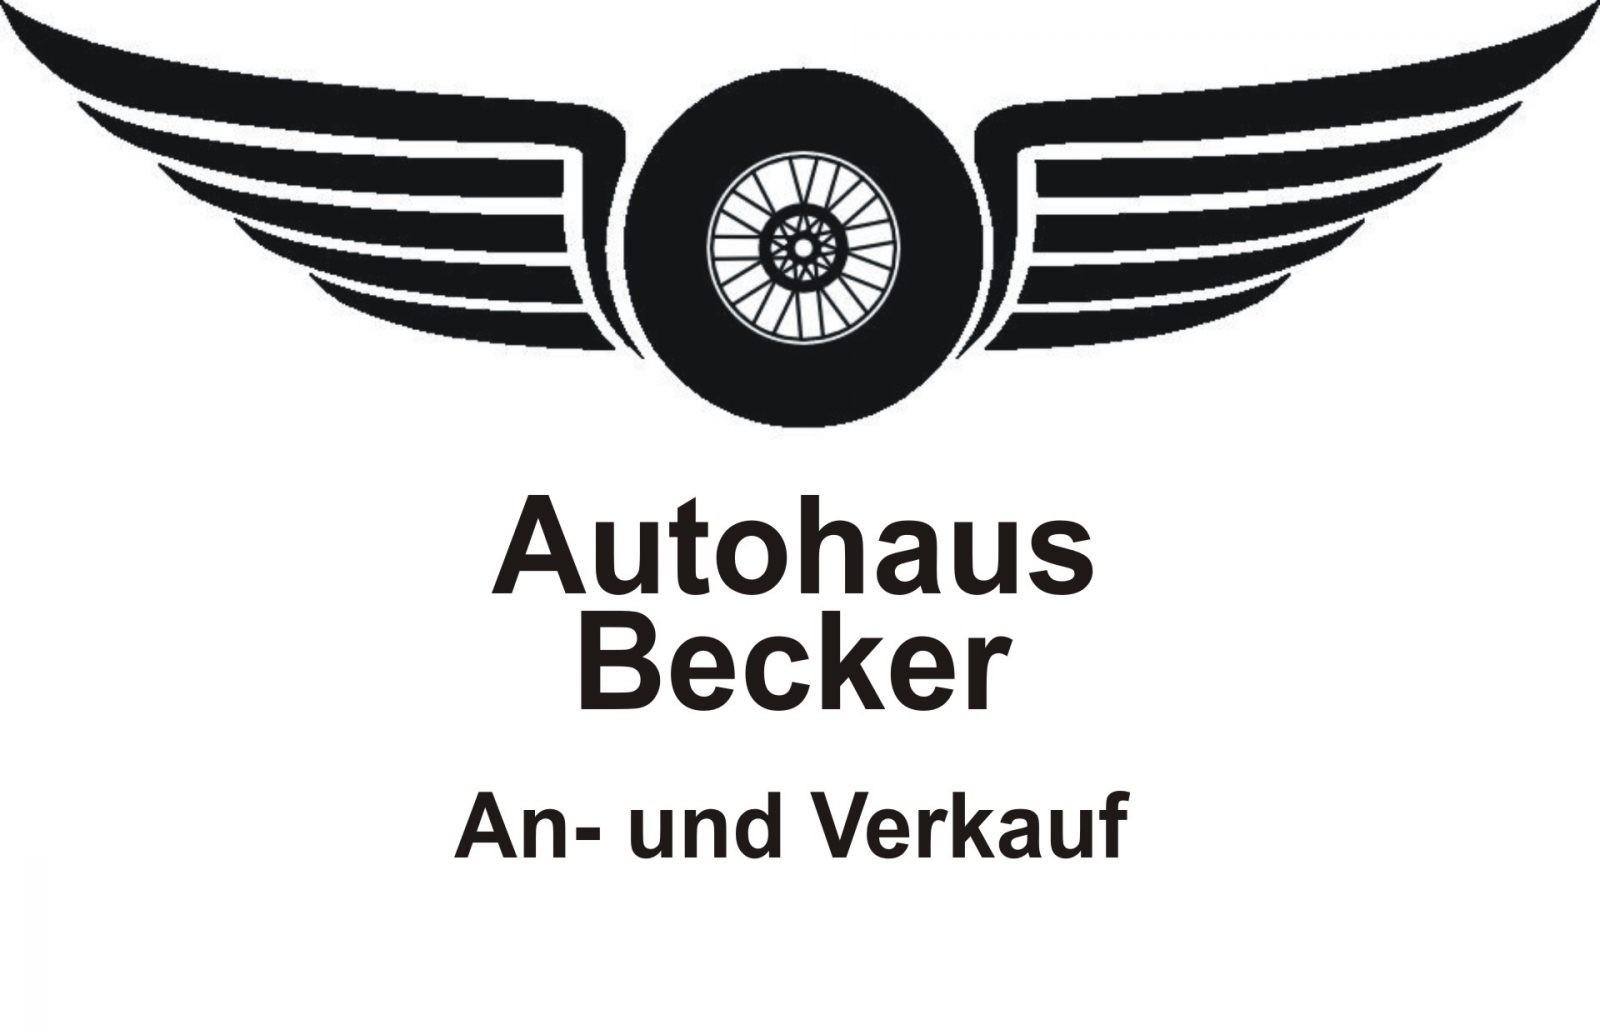 Autohaus-Becker